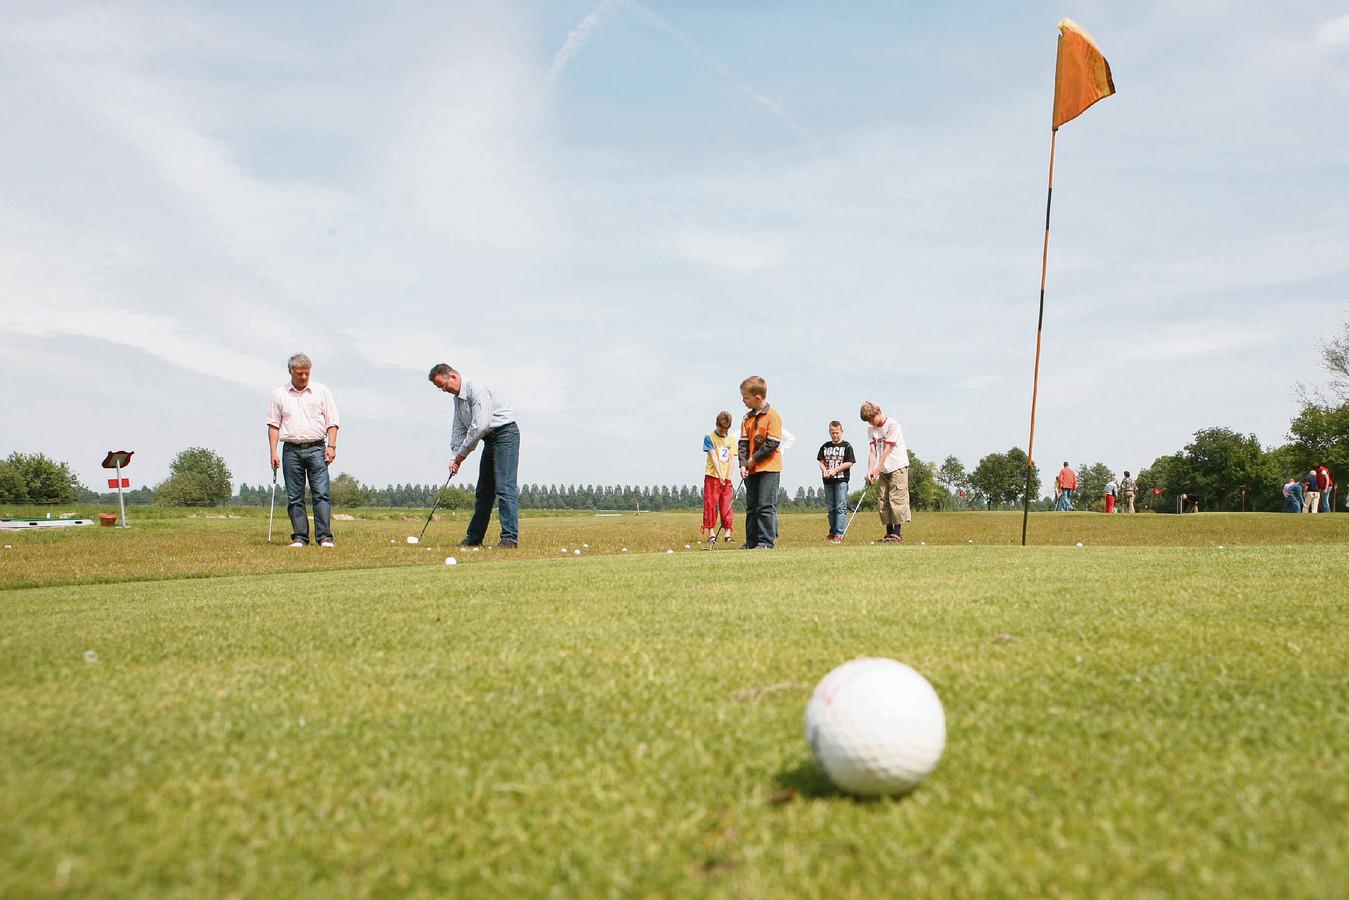 Golfers slaan een balletje bij Erve Braakman in Hoge Hexel. Deze foto is jaren geleden gemaakt, dus ook ruim voor de corona-uitbraak.